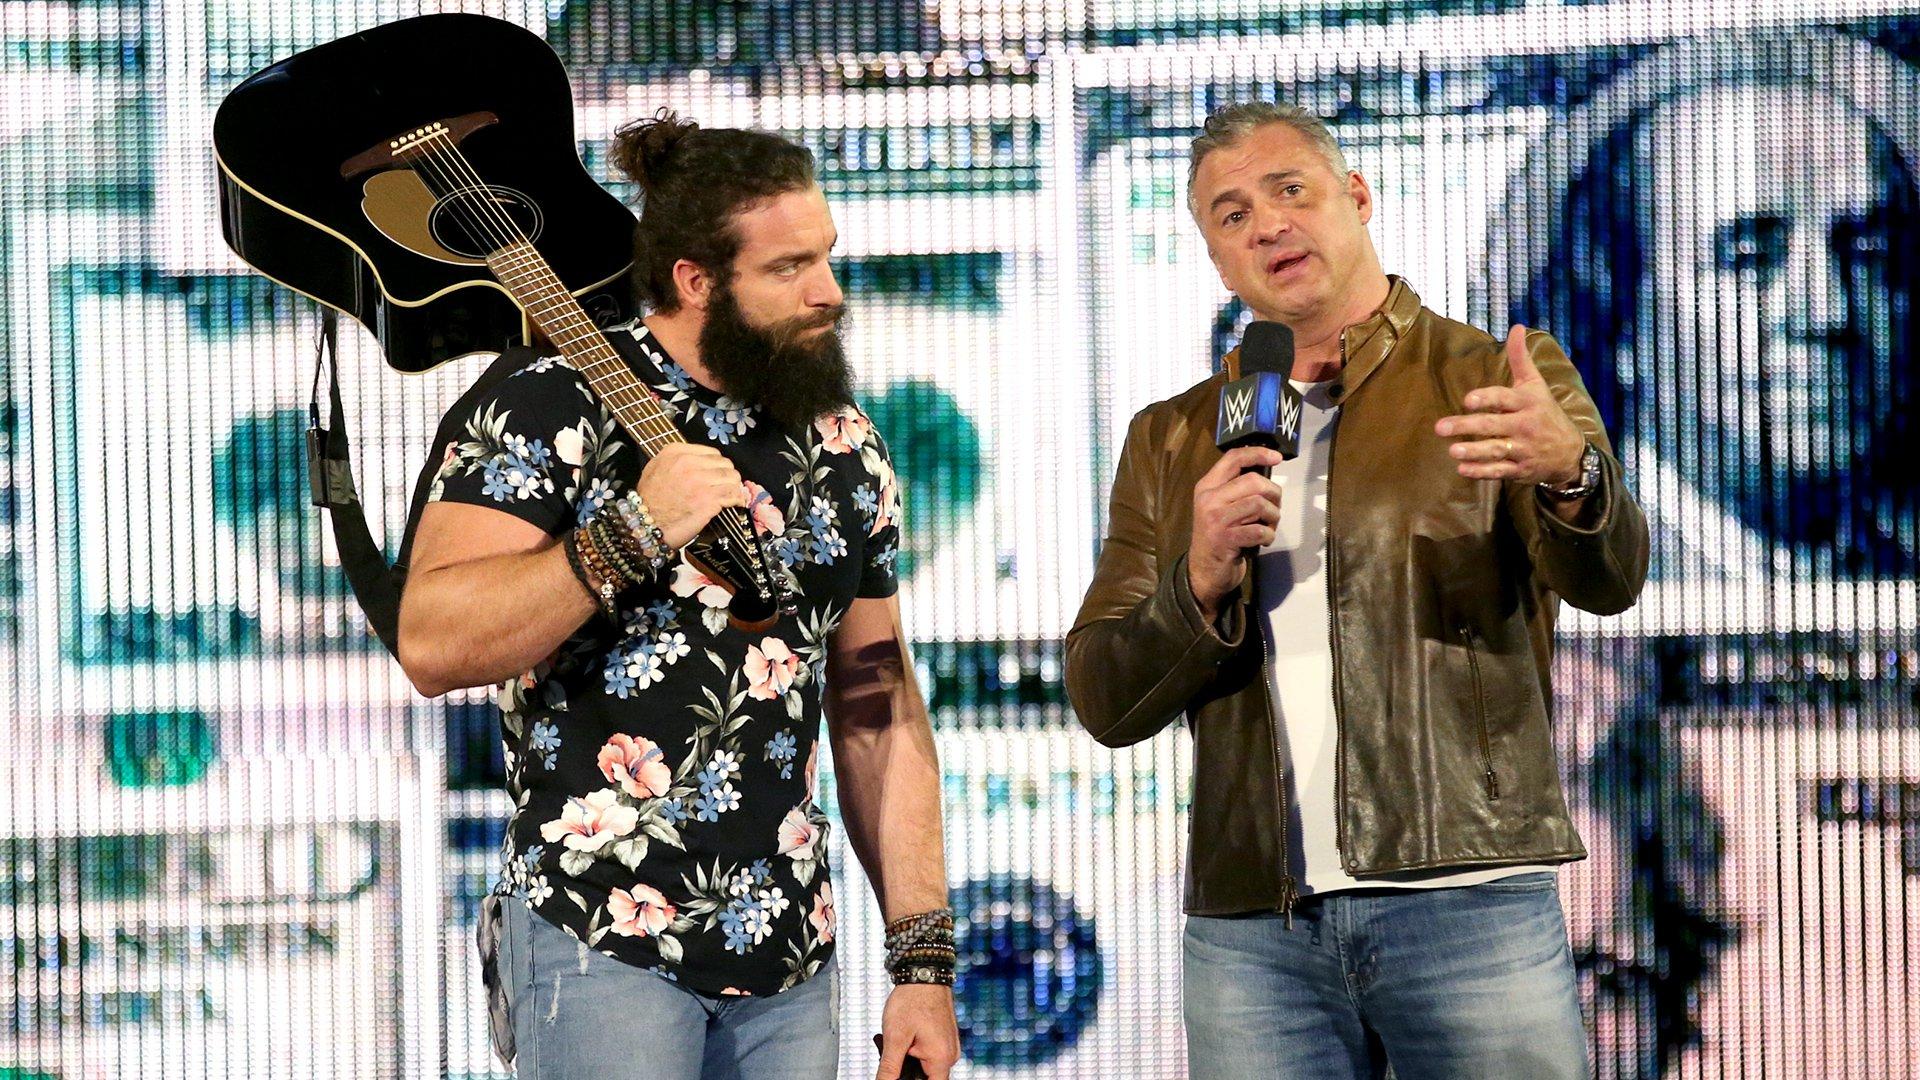 Shane McMahon fausse les chiffres contre Roman Reigns & The Usos: SmackDown LIVE, 14 Mai 2019